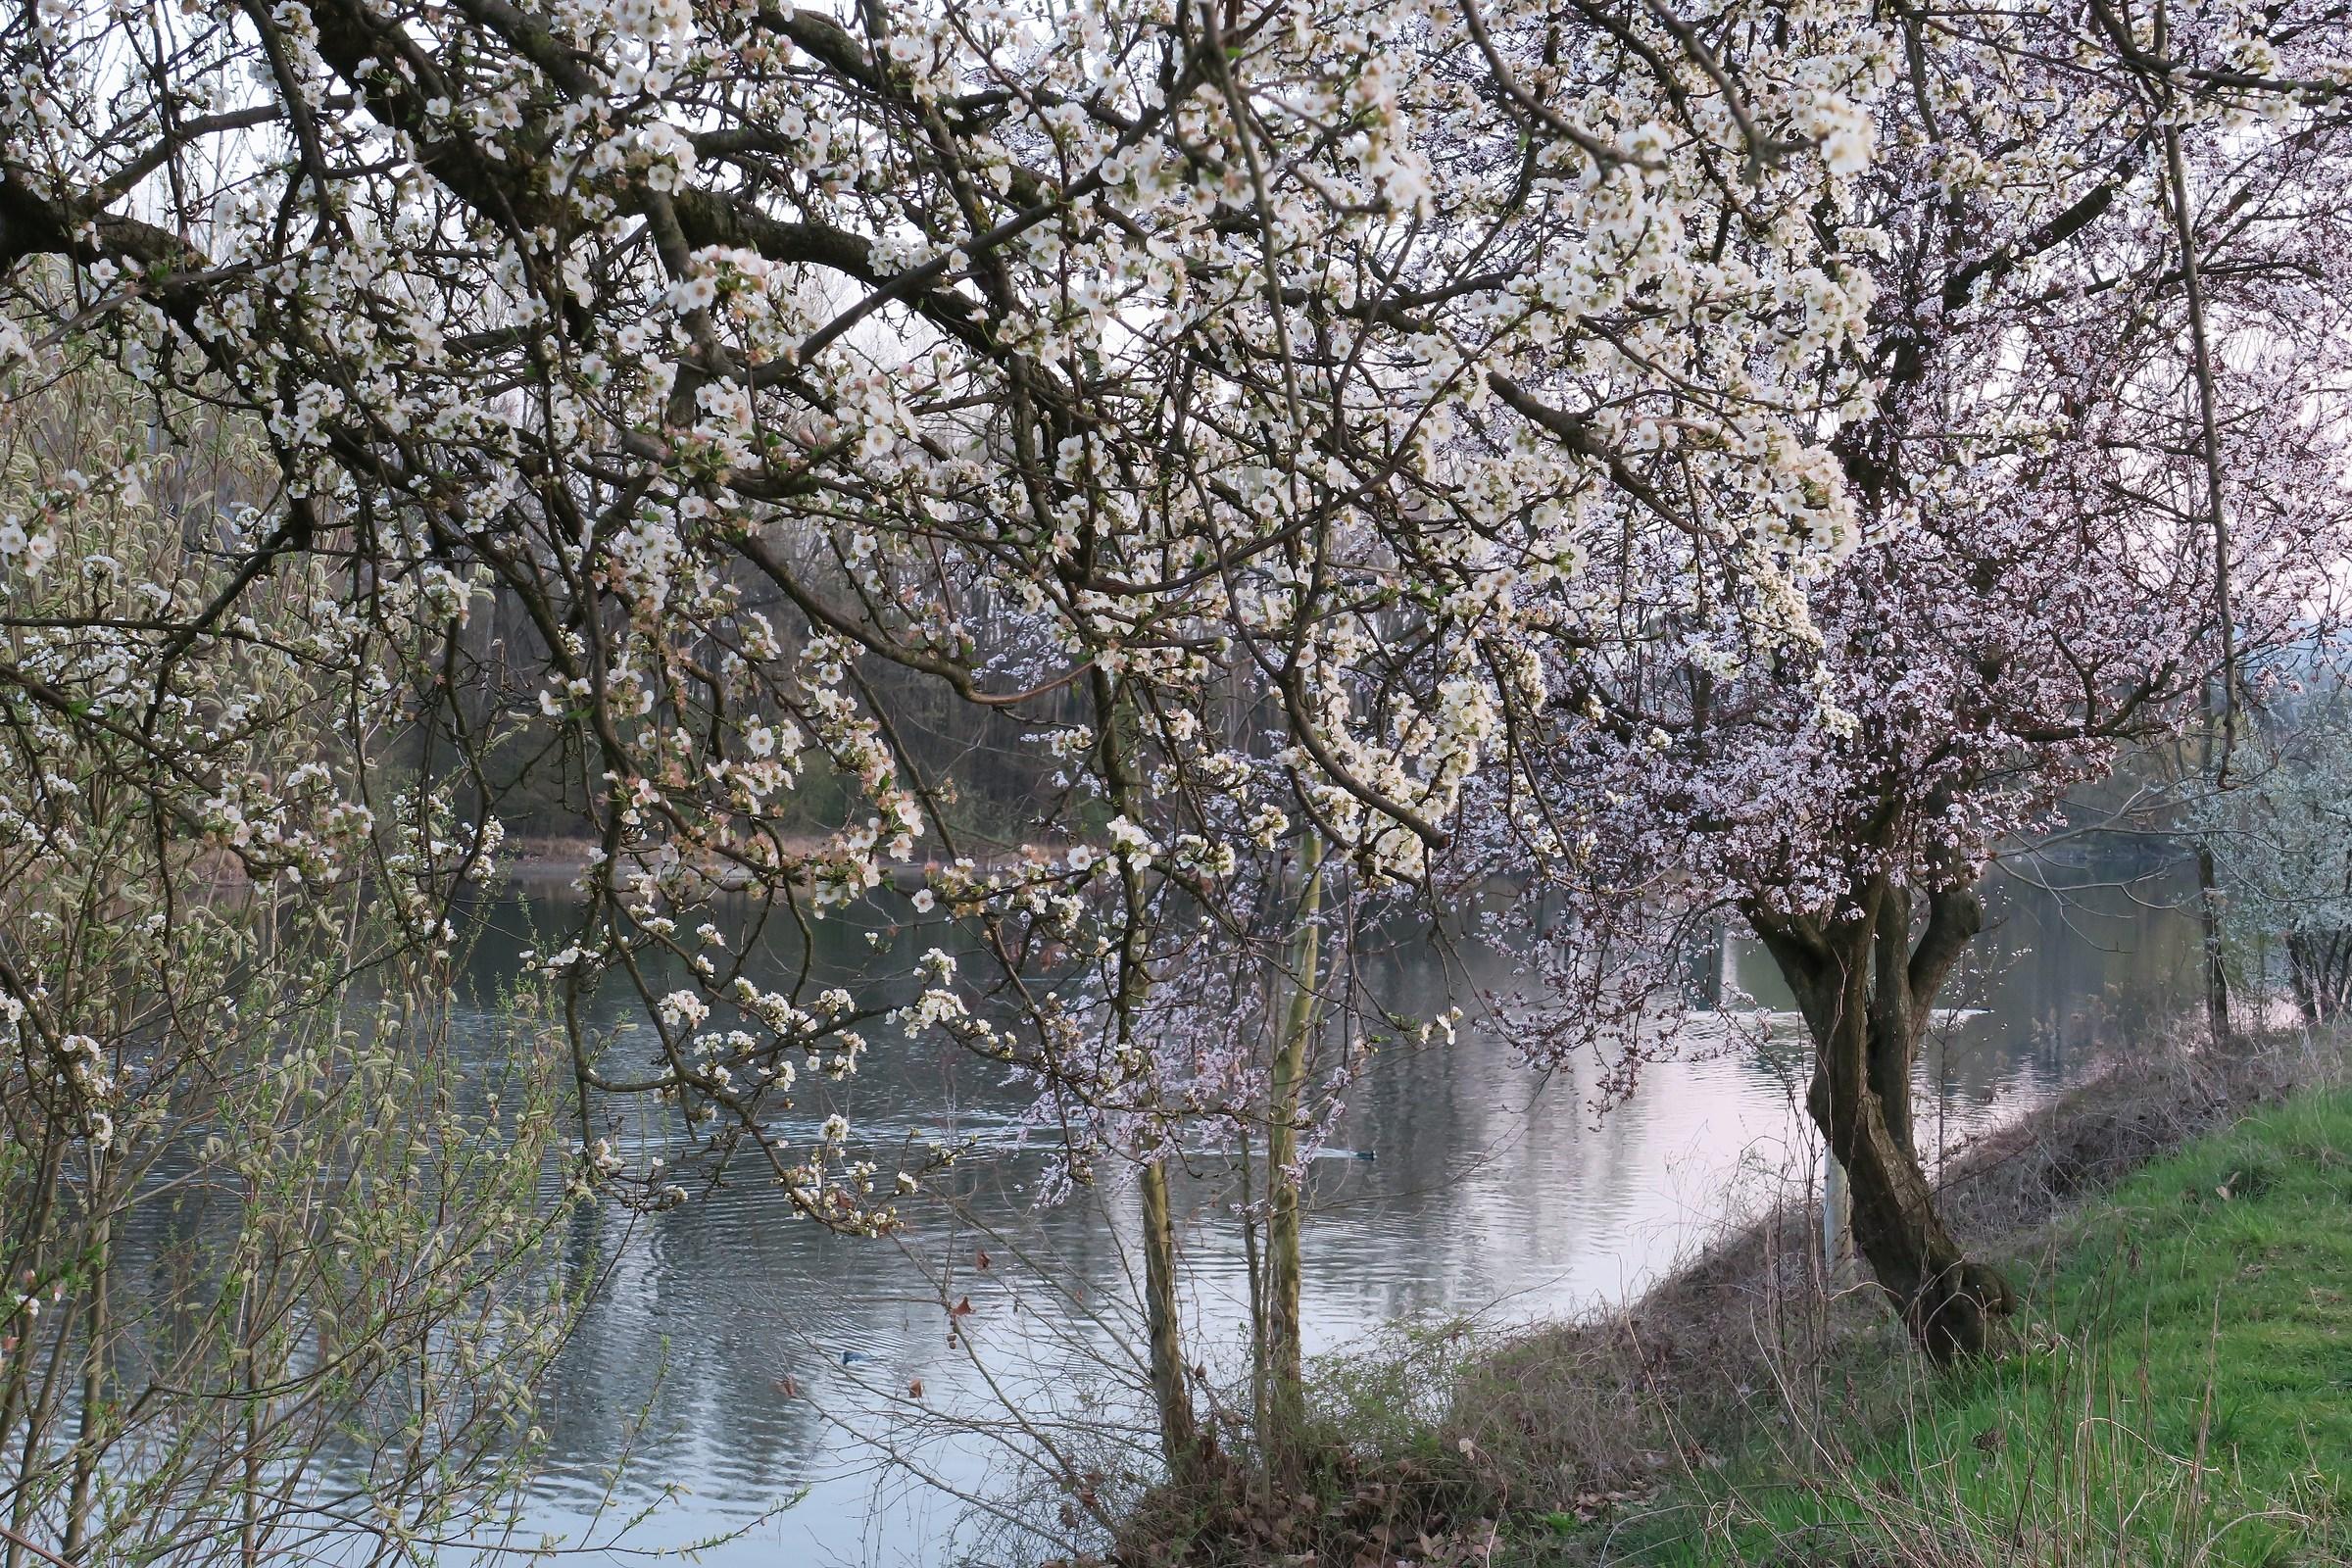 alberi in fiore sulle rive dell'Adda...